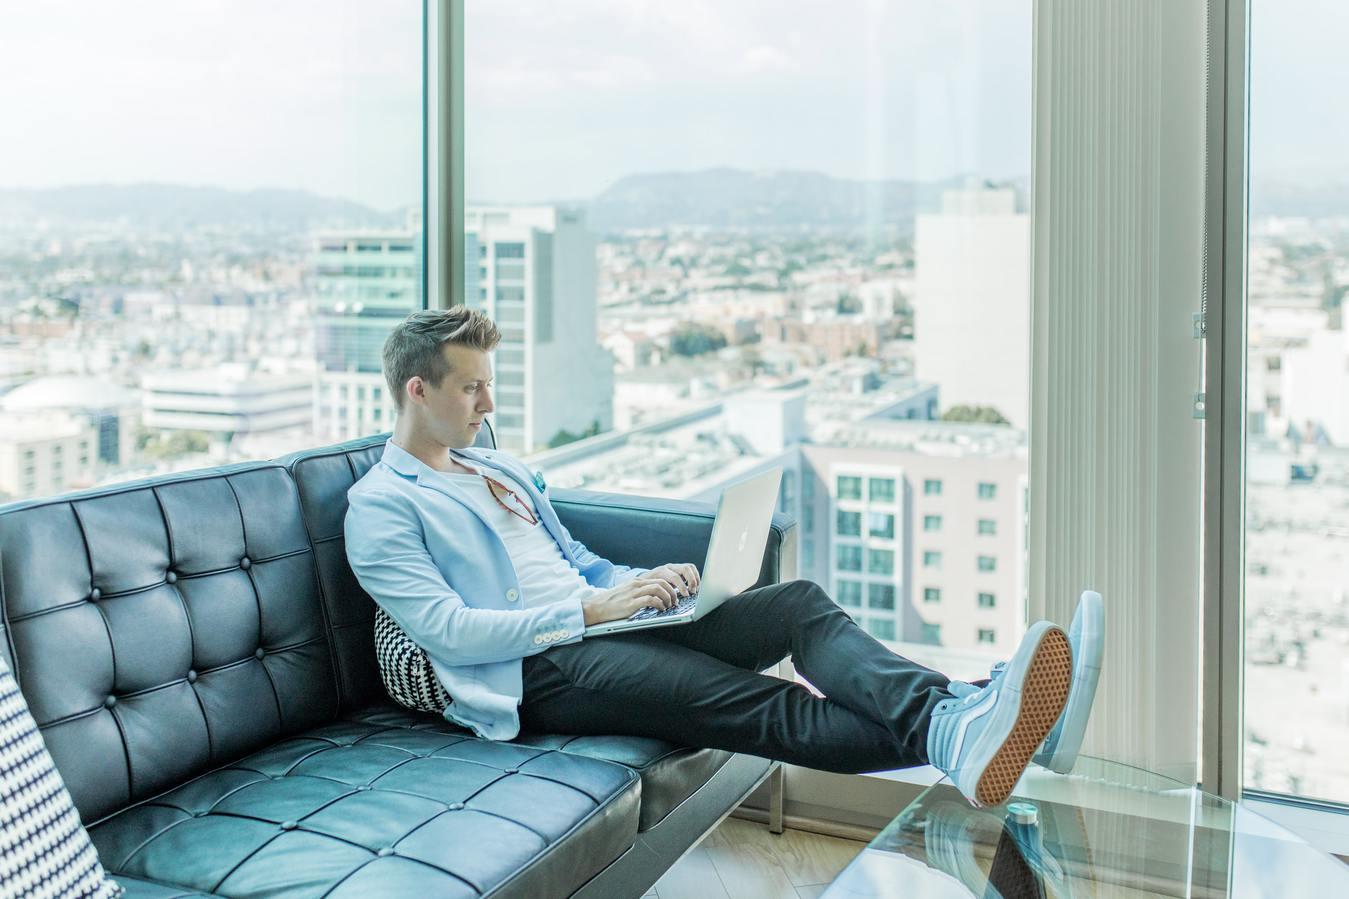 Mężczyzna pracujący przy laptopie.